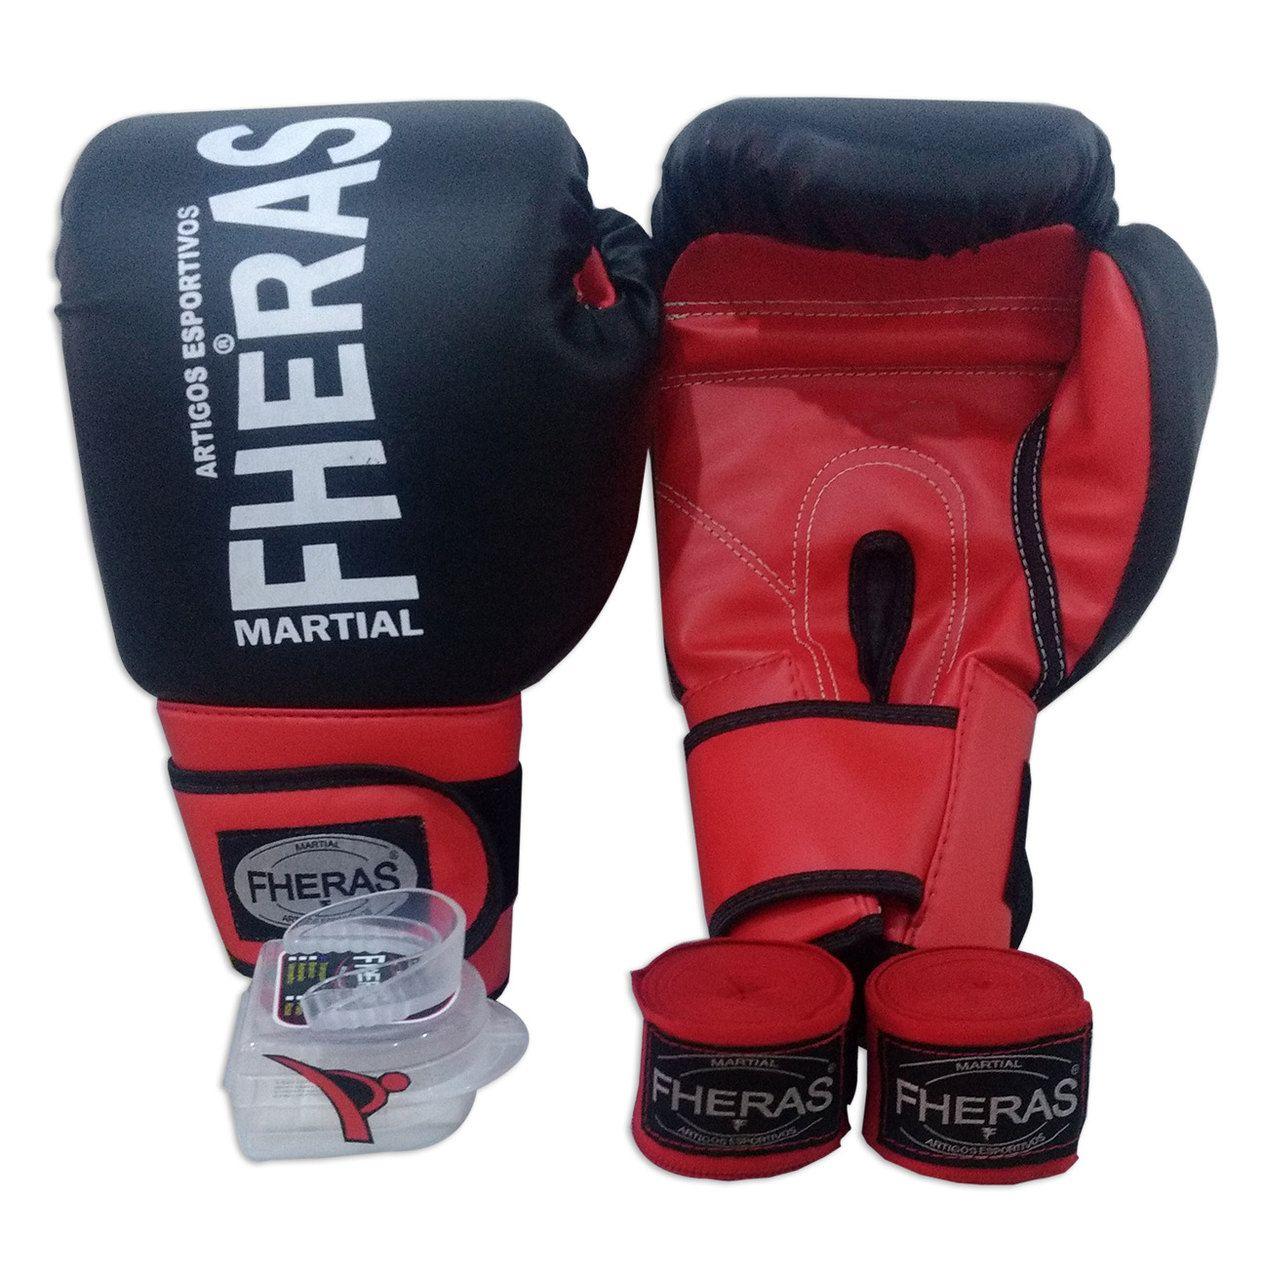 Kit de Boxe / Muay Thai 14oz  - Preto com Vermelho - Fheras  - PRALUTA SHOP